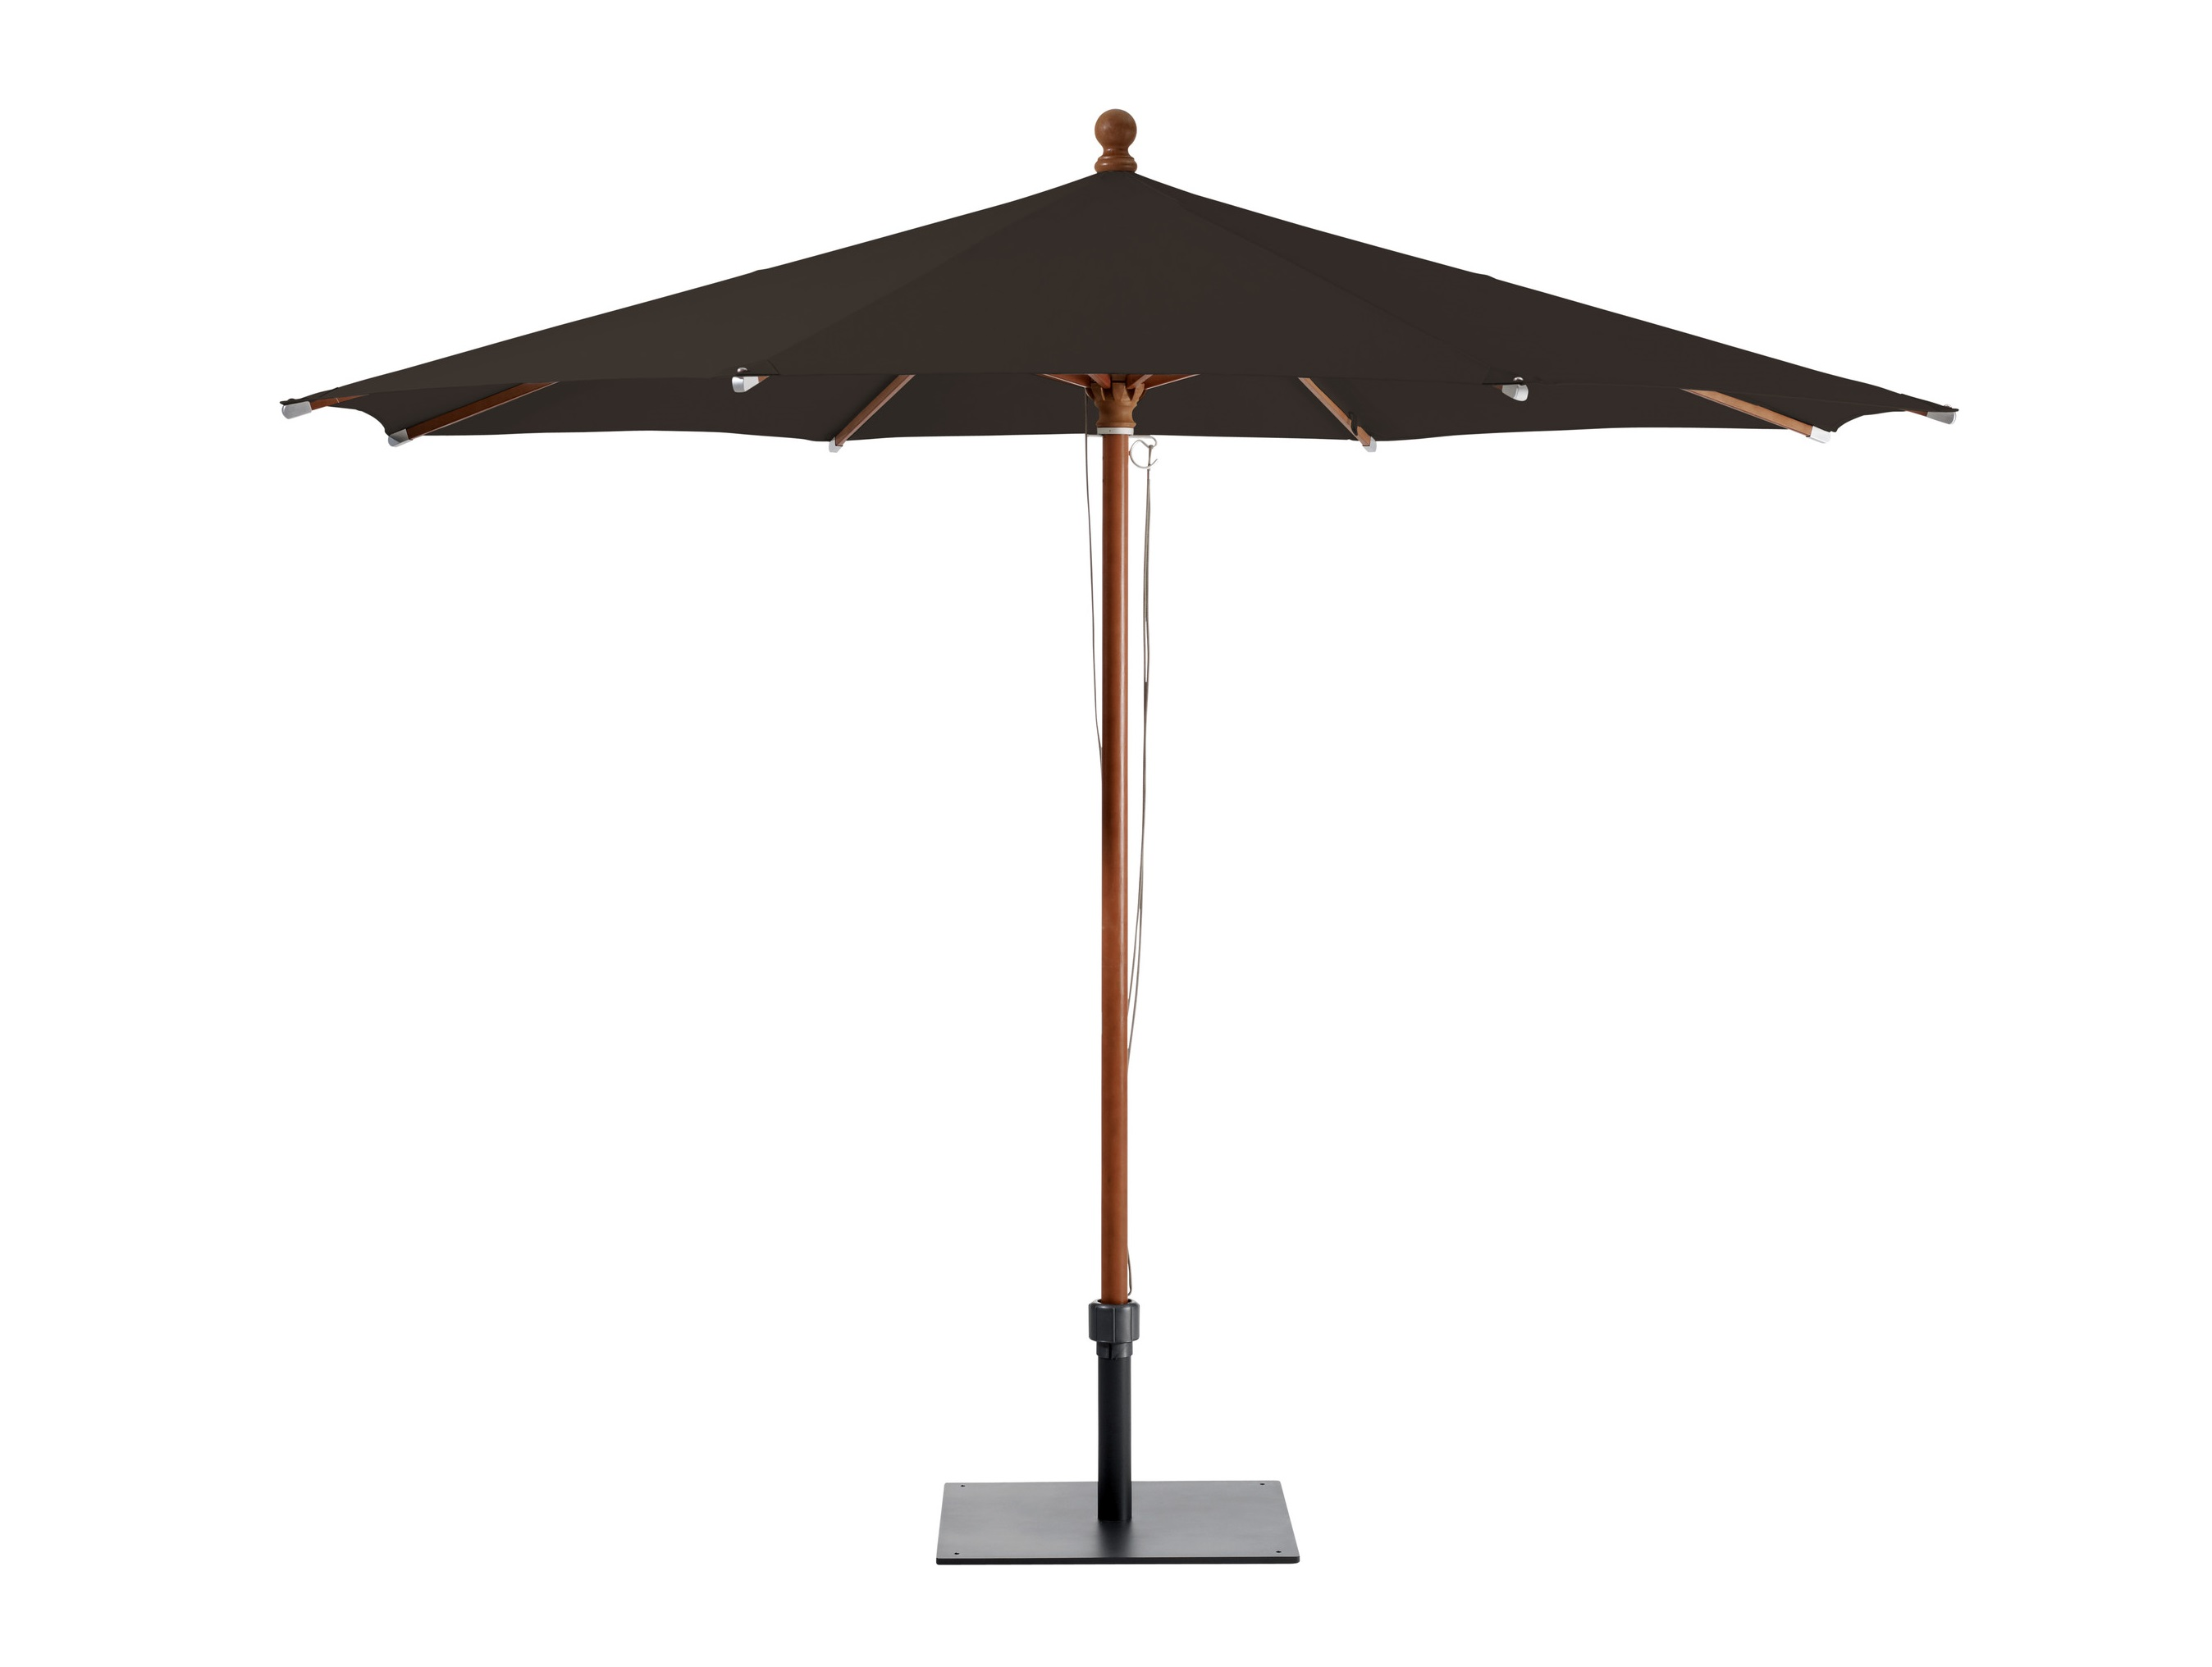 Уличный зонт PiazzinoТенты и зонты<br>Круглый зонт, каркас из канадского клена.&amp;amp;nbsp;&amp;lt;div&amp;gt;&amp;lt;br&amp;gt;&amp;lt;div&amp;gt;Плотность ткани 250 g/m2.&amp;amp;nbsp;&amp;lt;/div&amp;gt;&amp;lt;div&amp;gt;Максимальная ветровая нагрузка 30км/ч.&amp;amp;nbsp;&amp;lt;/div&amp;gt;&amp;lt;div&amp;gt;В комплект входит: стальная база 60кг,опорная трубка, защитный чехол.&amp;amp;nbsp;&amp;lt;/div&amp;gt;&amp;lt;/div&amp;gt;<br><br>Material: Дерево<br>Height см: 275<br>Diameter см: 300